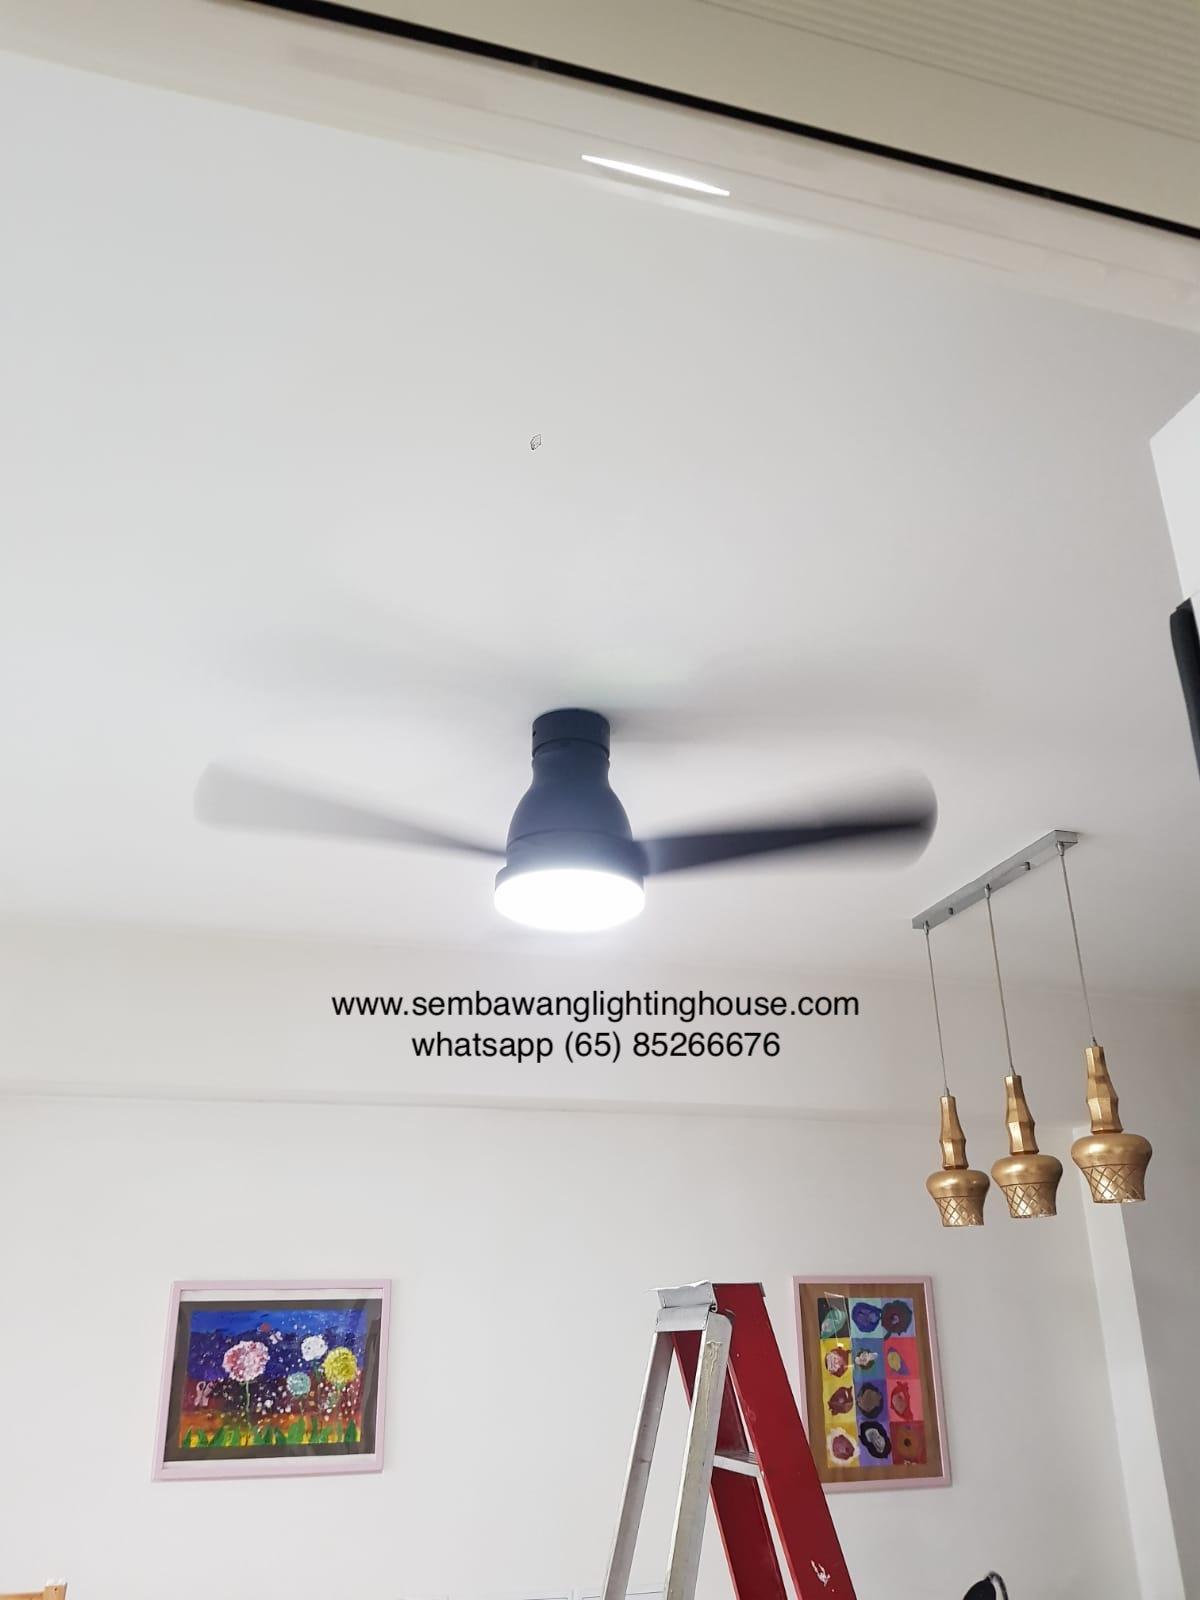 kdk-u48fp-black-ceiling-fan-sembawang-lighting-house-sample-14.jpg